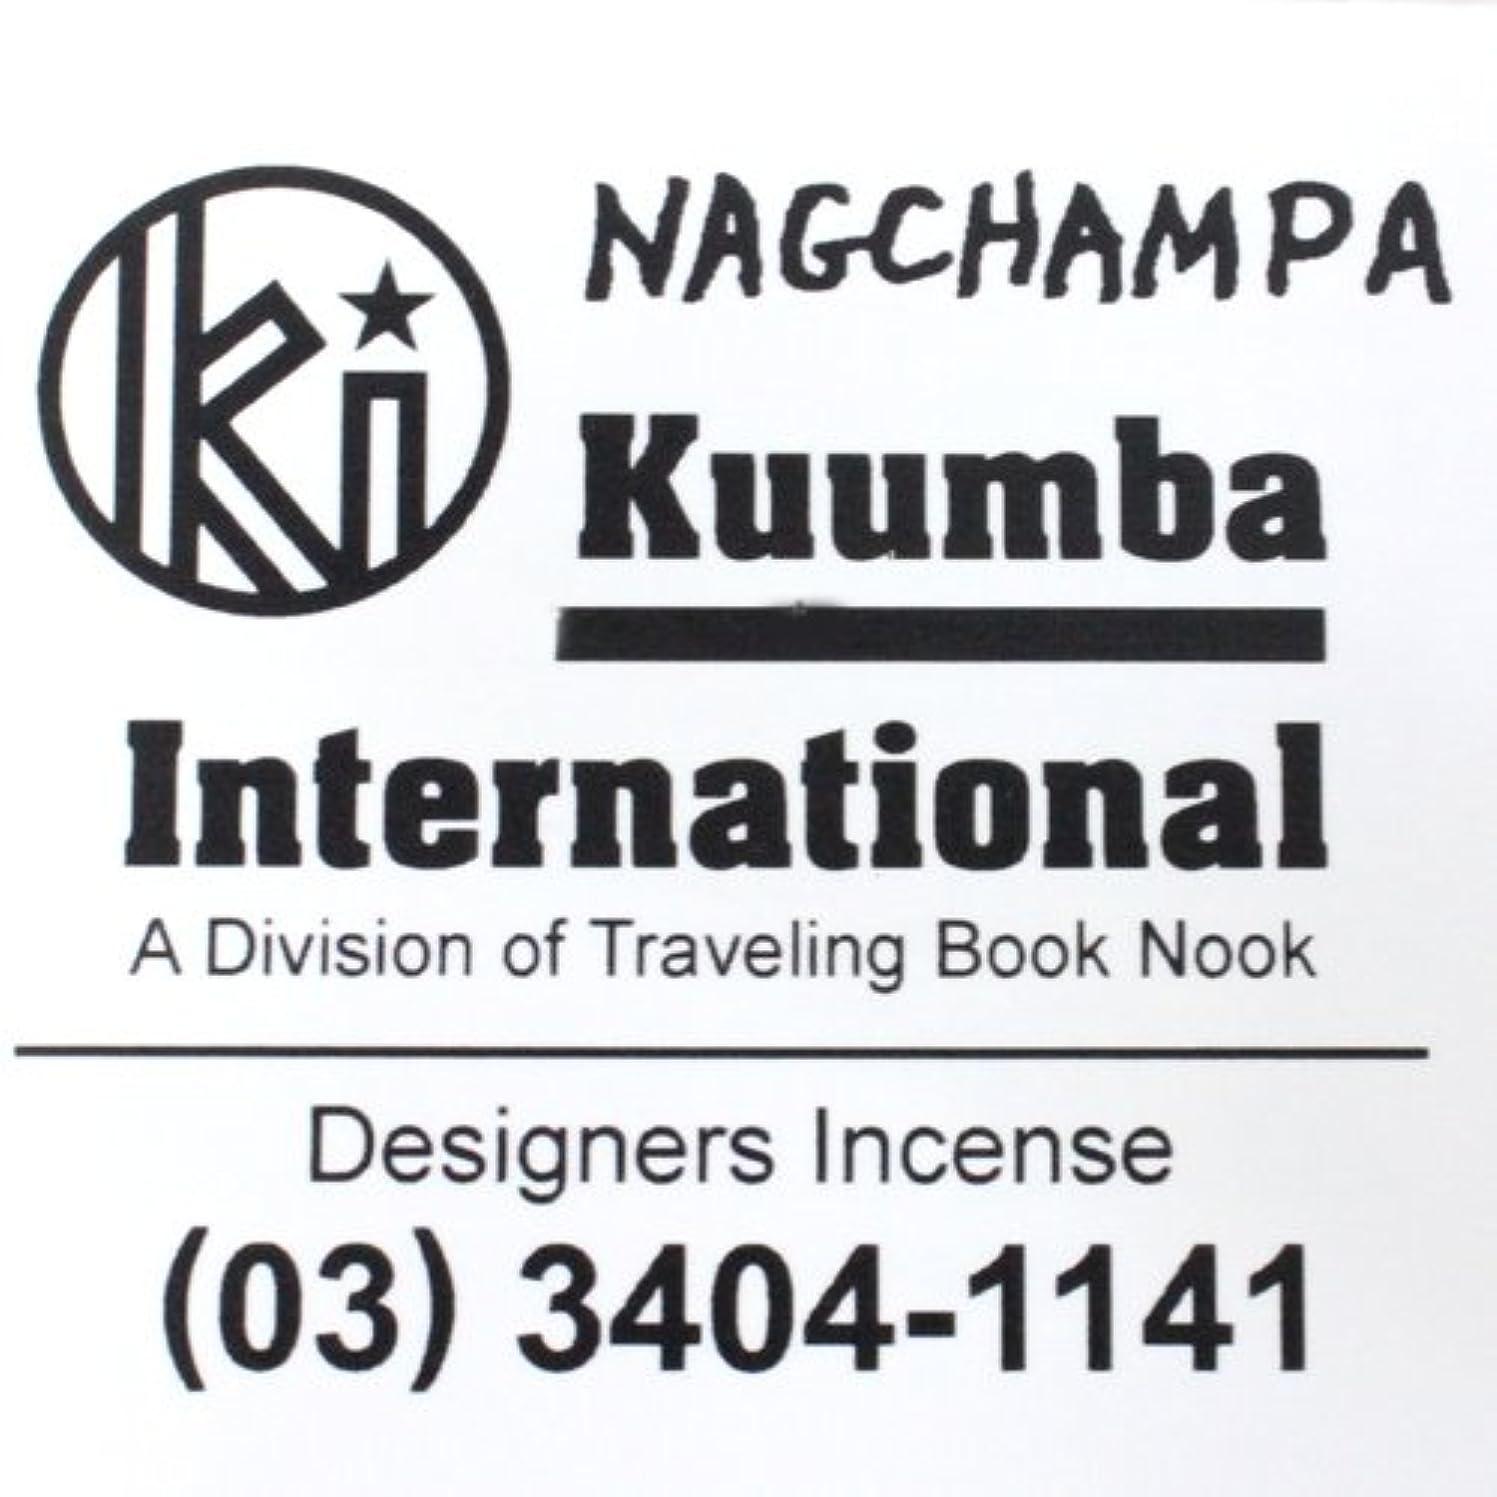 キャプションアッパーキャメルKUUMBA (クンバ)『incense』(NAGCHAMPA) (Regular size)